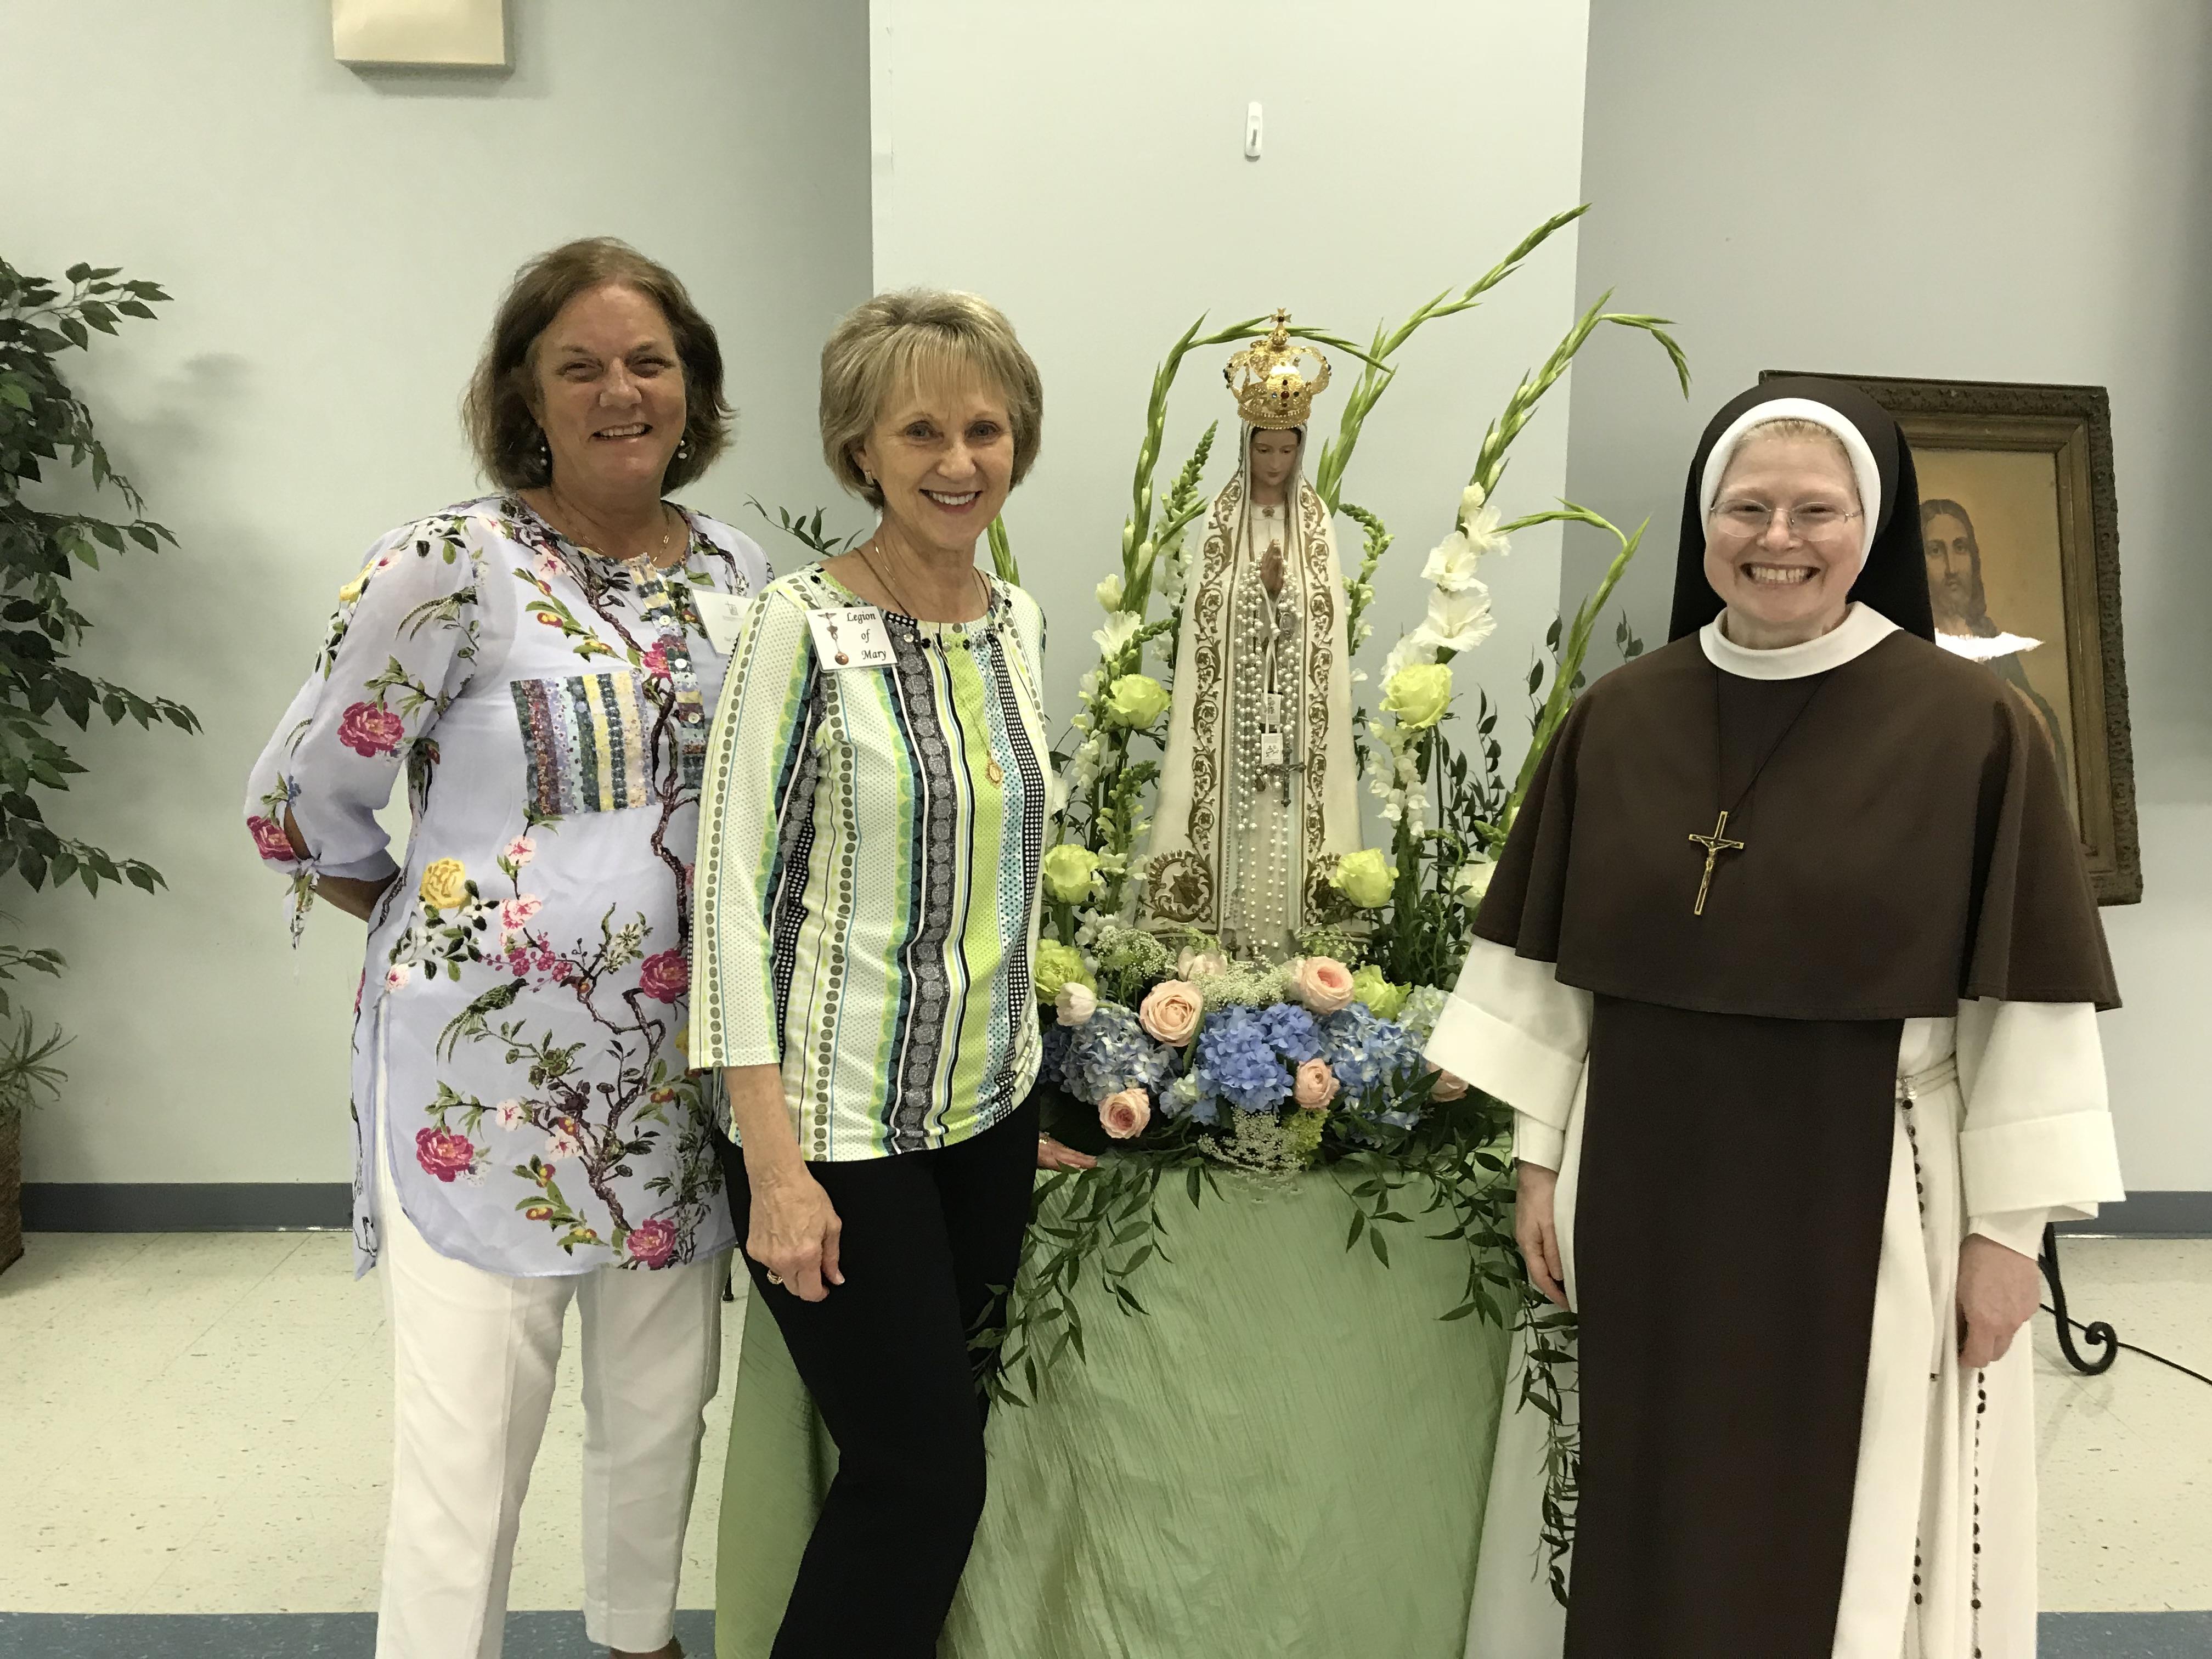 Fatima Conference 2018 pic # 1